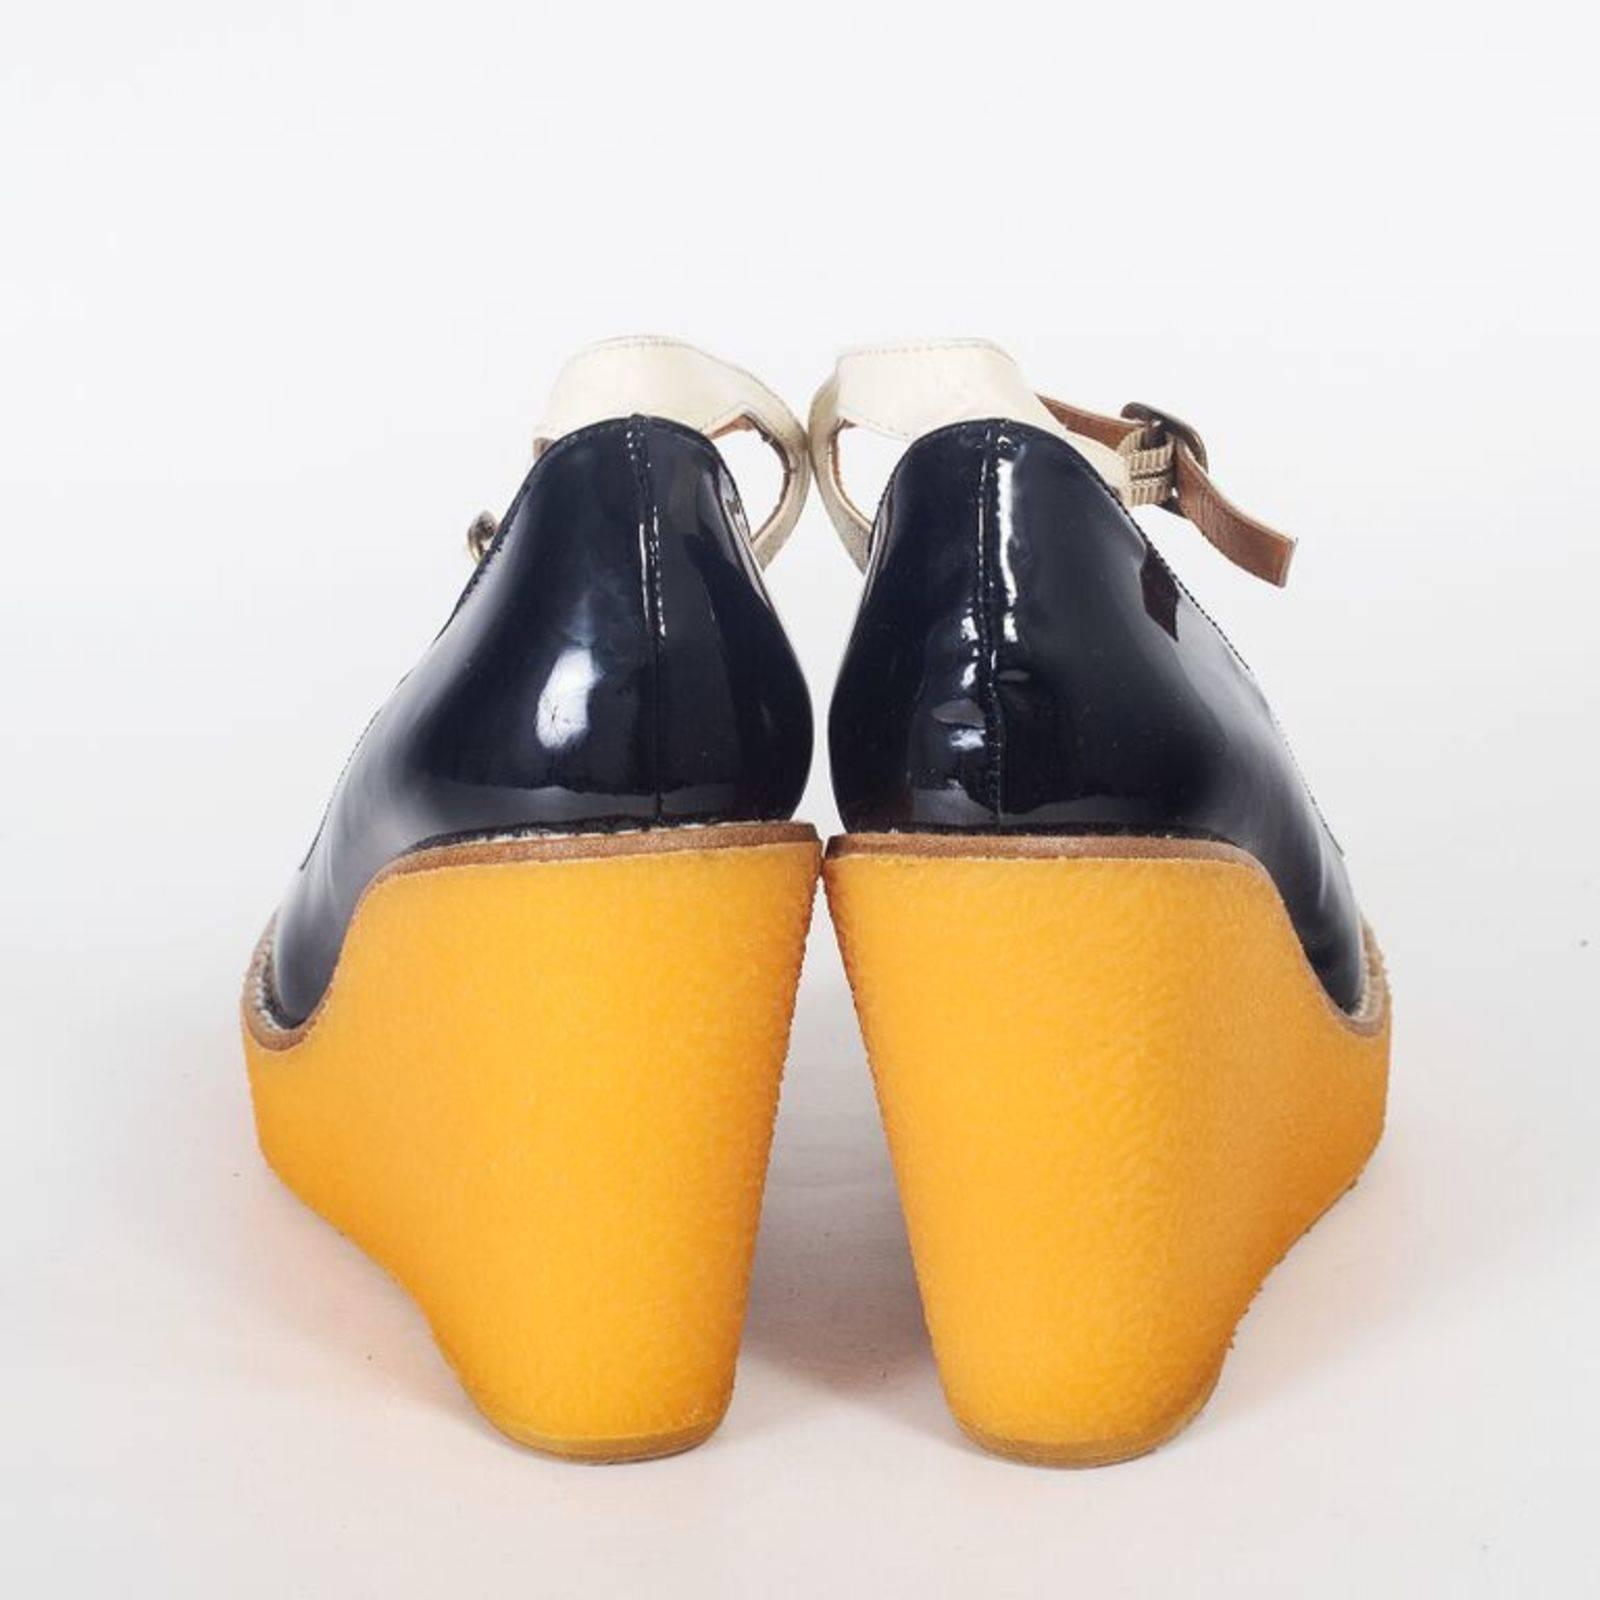 51e3120e50f9 Купить туфли Undercover в Москве с доставкой по цене 7200 рублей ...